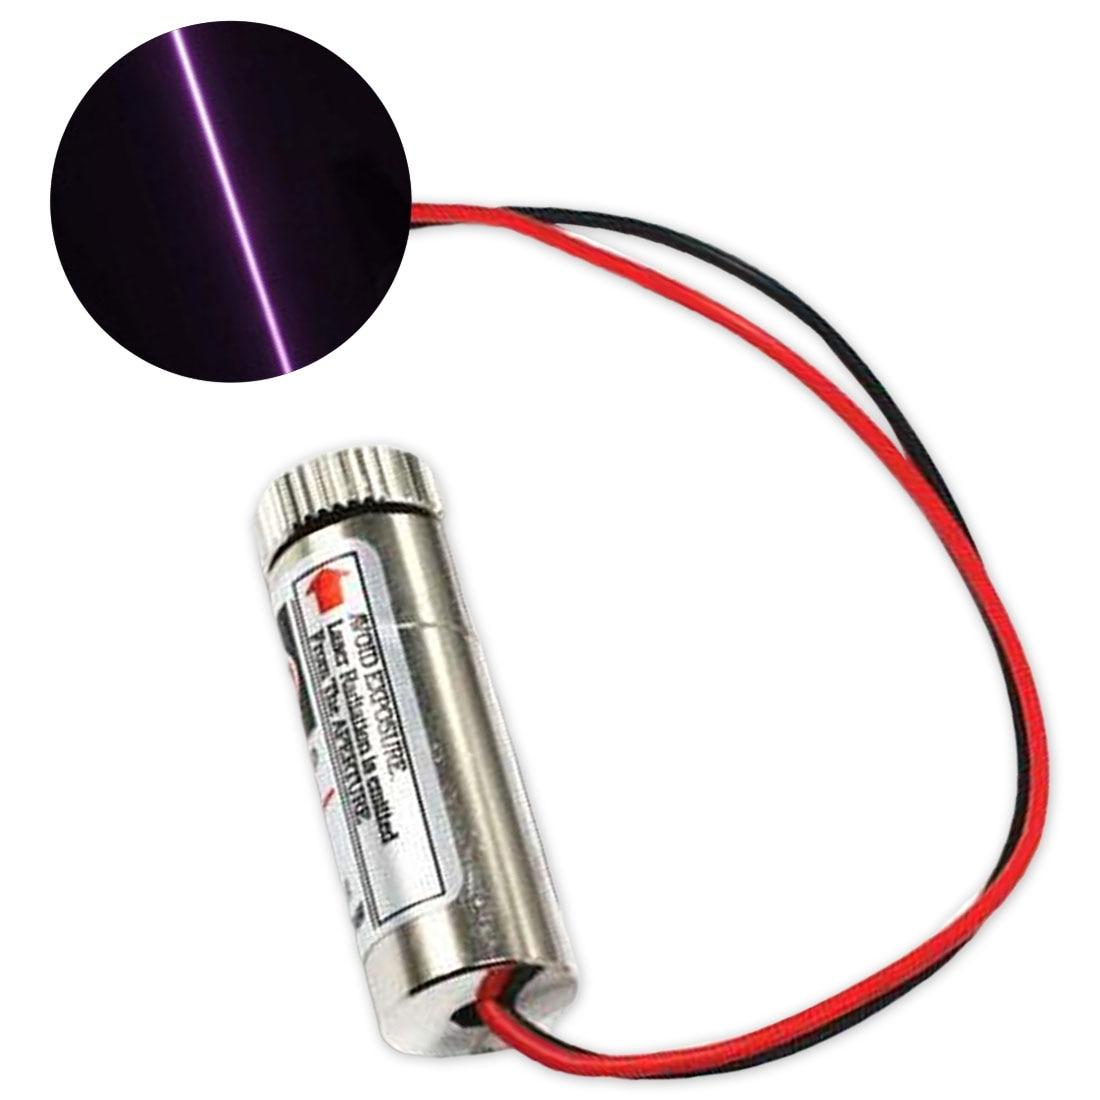 Новый 650 нм 5-30 МВт красная точка/линия/Крест лазерный модуль головка стеклянная линза Фокусируемый промышленный класс